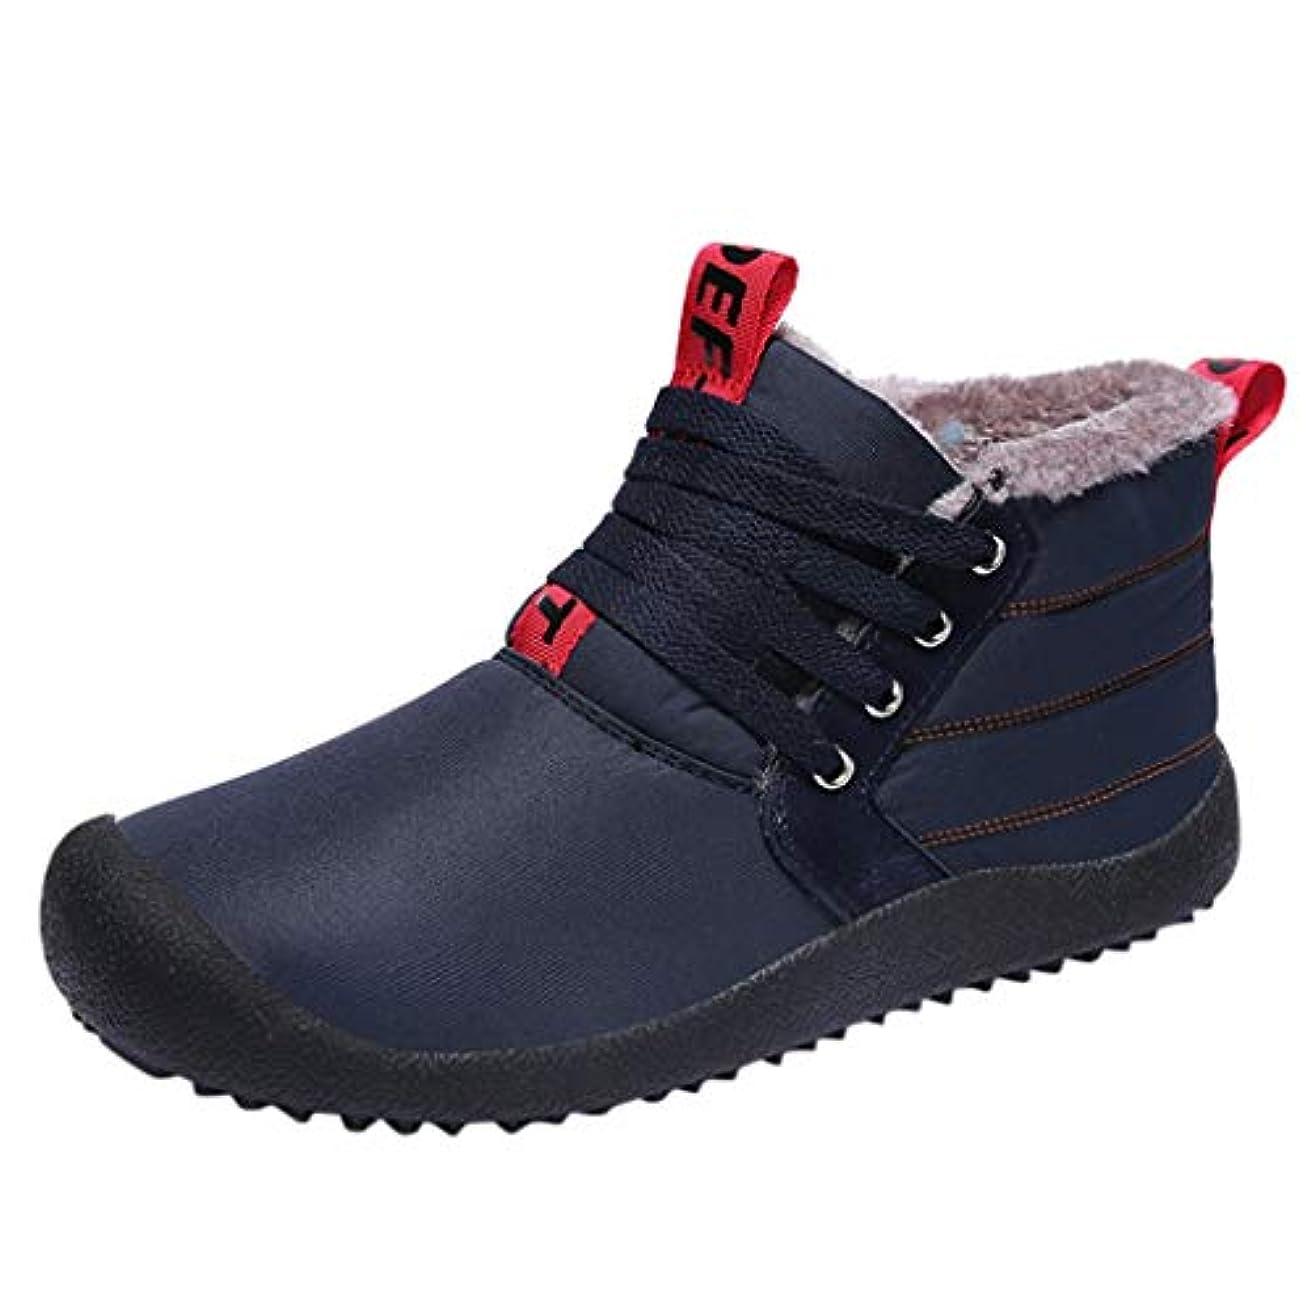 乱暴な中毒削るLefthigh メンズ カジュアル プラス ベルベット 暖かい コットン ブーツ 防水 ハイキング 快適 スノーブーツ アウトドア フットウェア